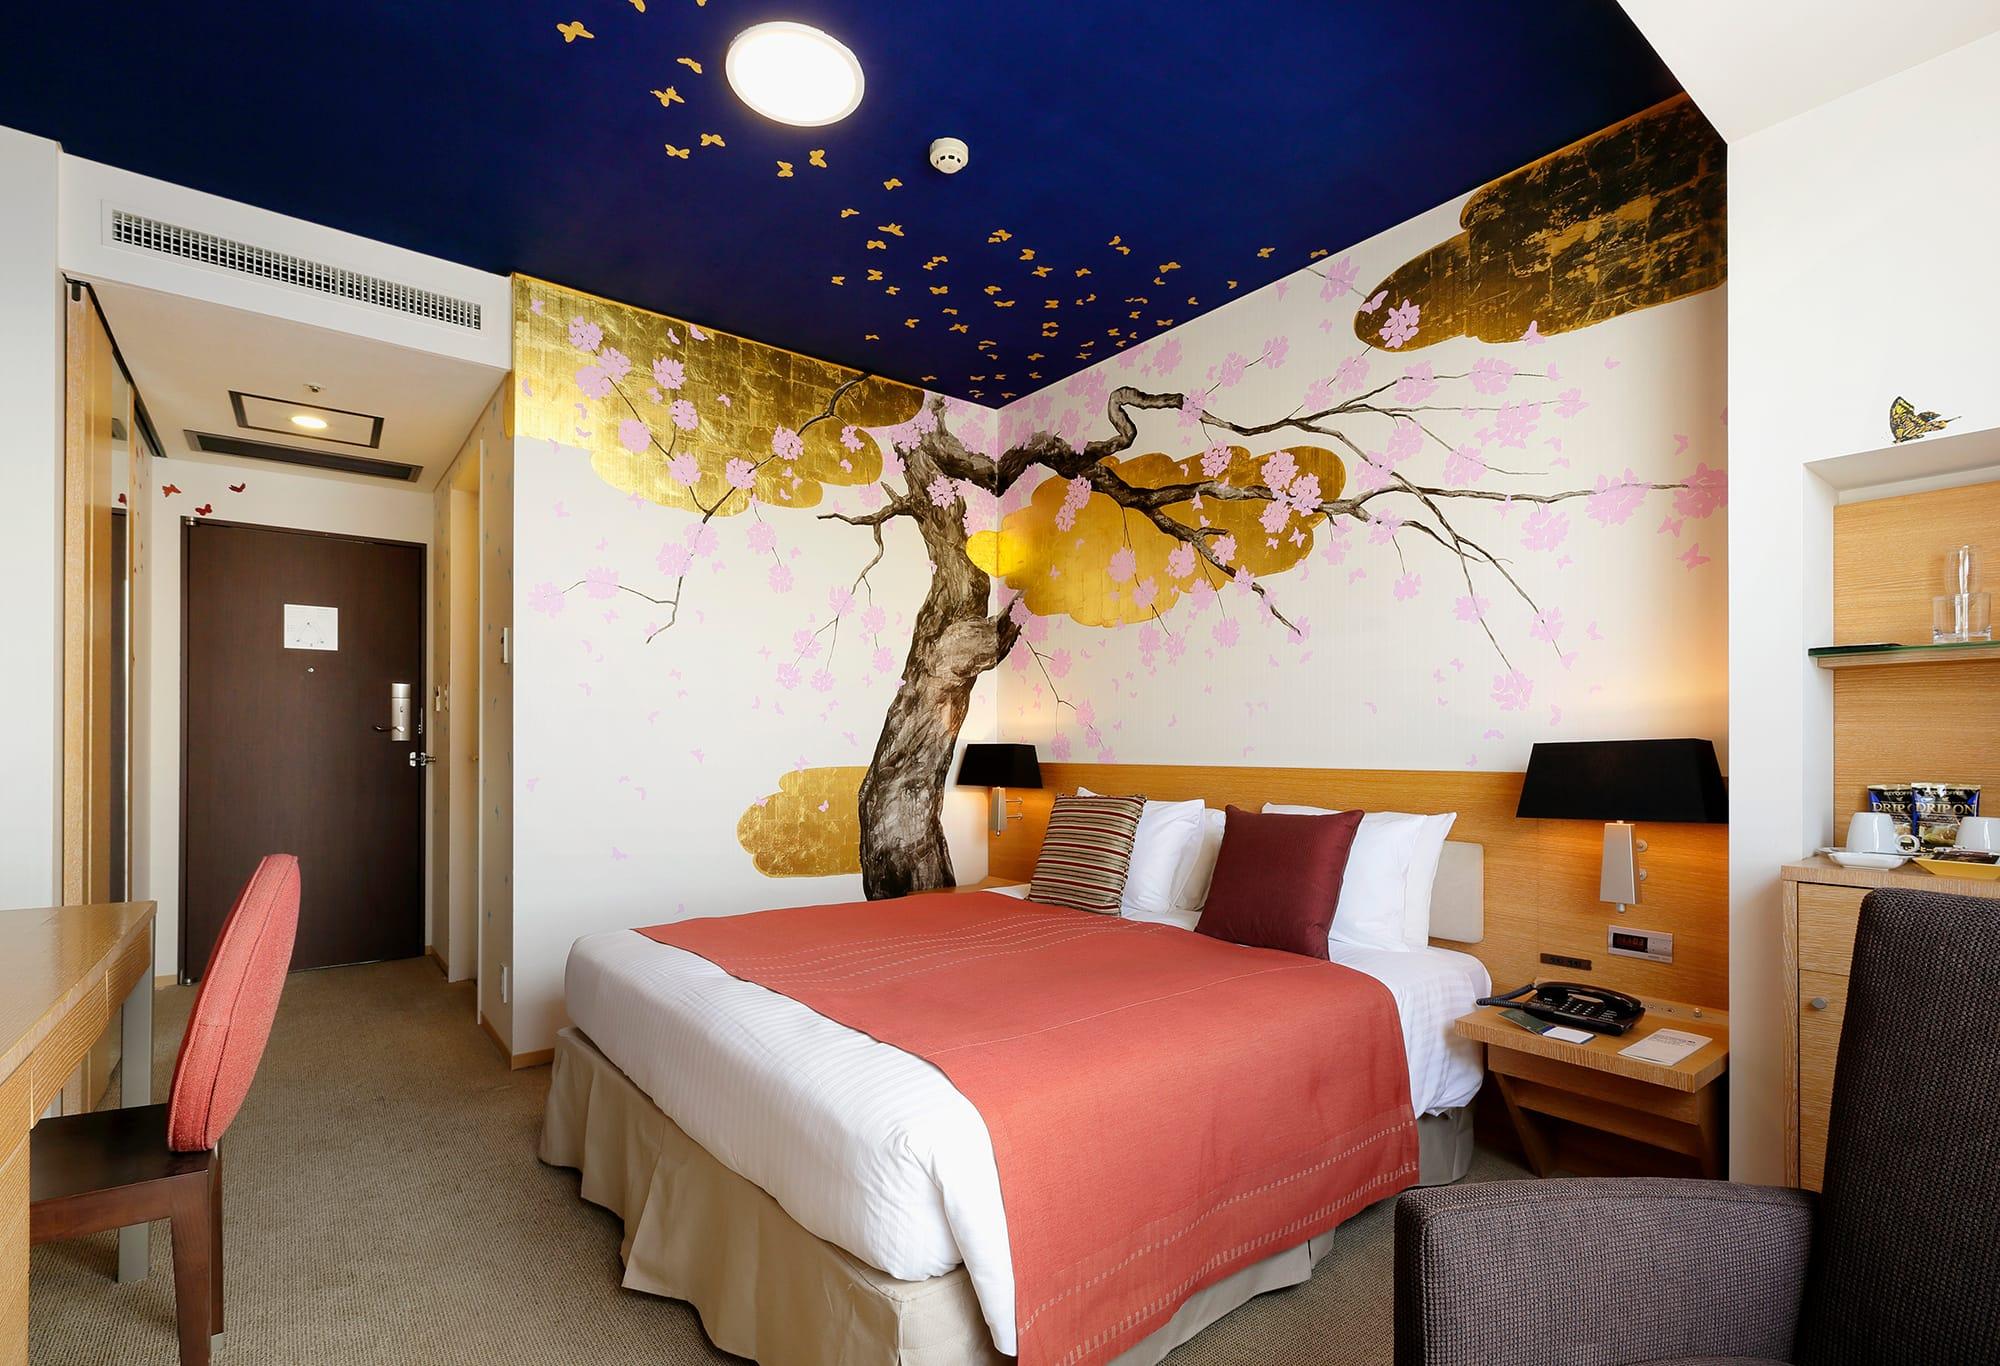 【Go To!アートなホテルVol.4】まるで美術館なパークホテル東京でアート三昧な宿泊を | パークホテル東京